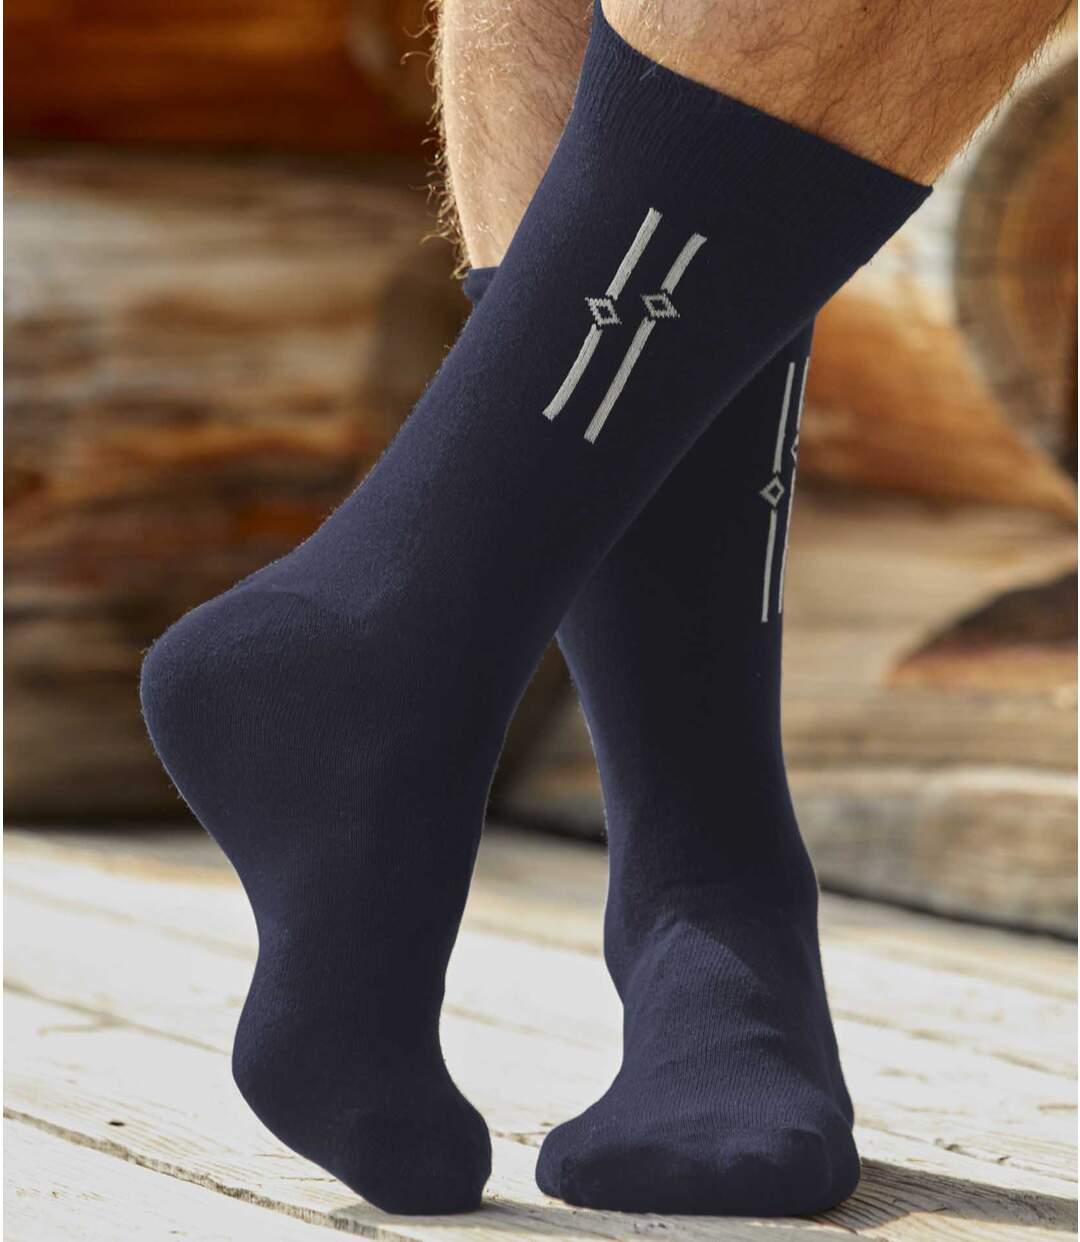 5 Paar Socken mit Jacquard-Muster